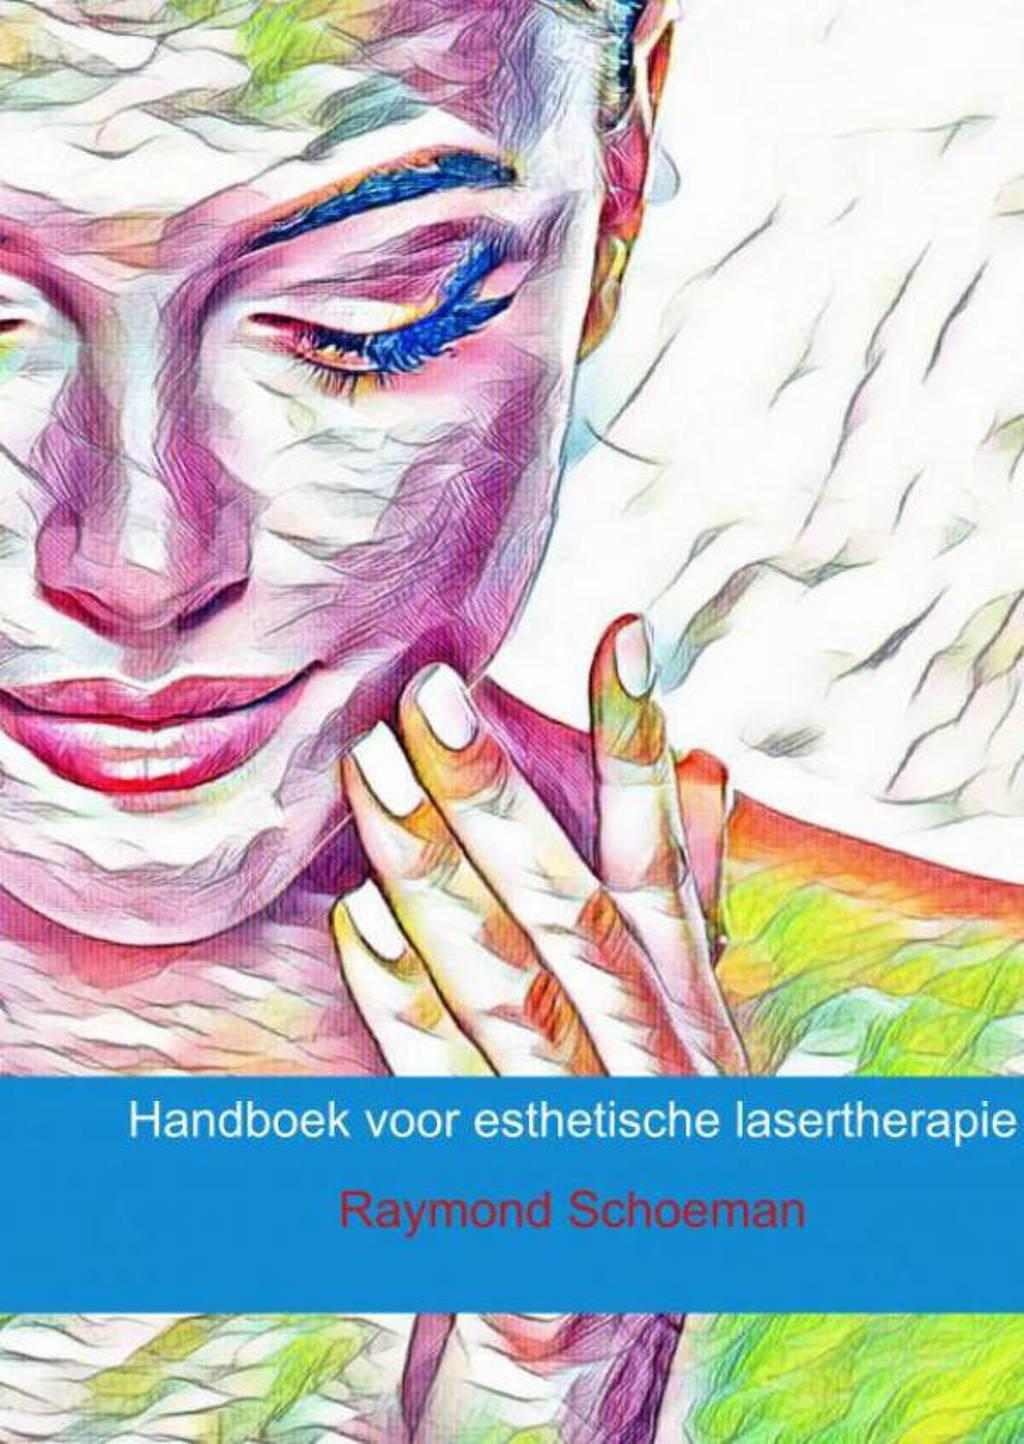 Handboek voor esthetische lasertherapie - Raymond Schoeman